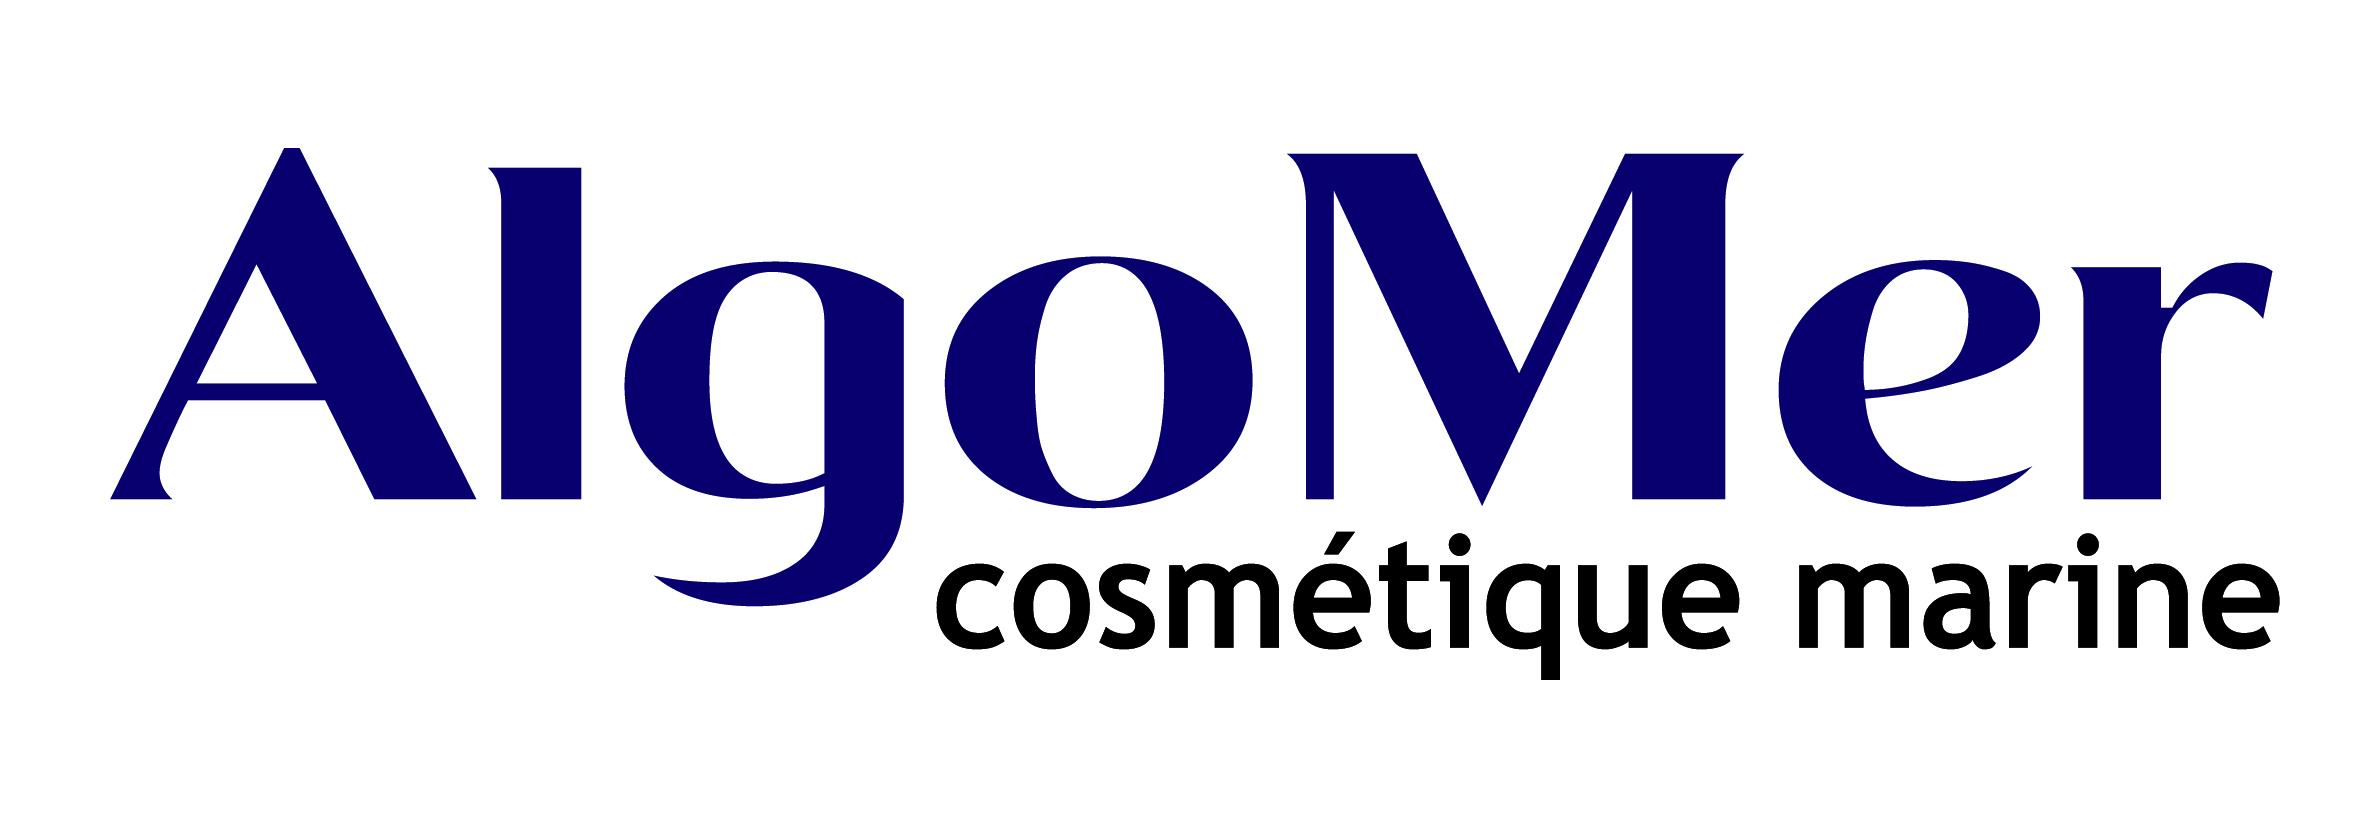 logo_algomer-01.jpg